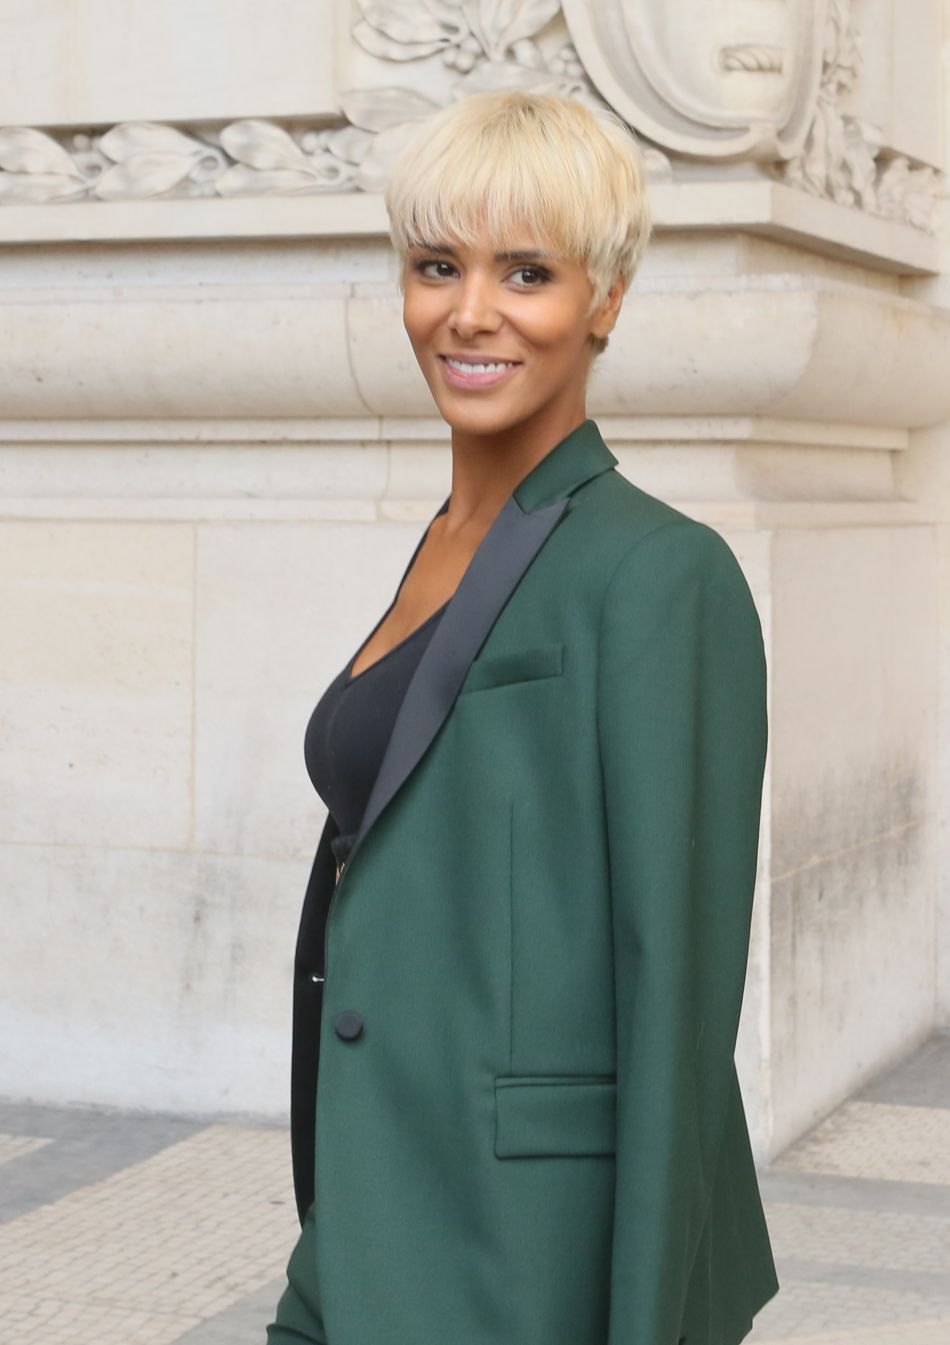 Shy'm avait opté pour un look androgyne et pointu pour cette Fashion Week parisienne.